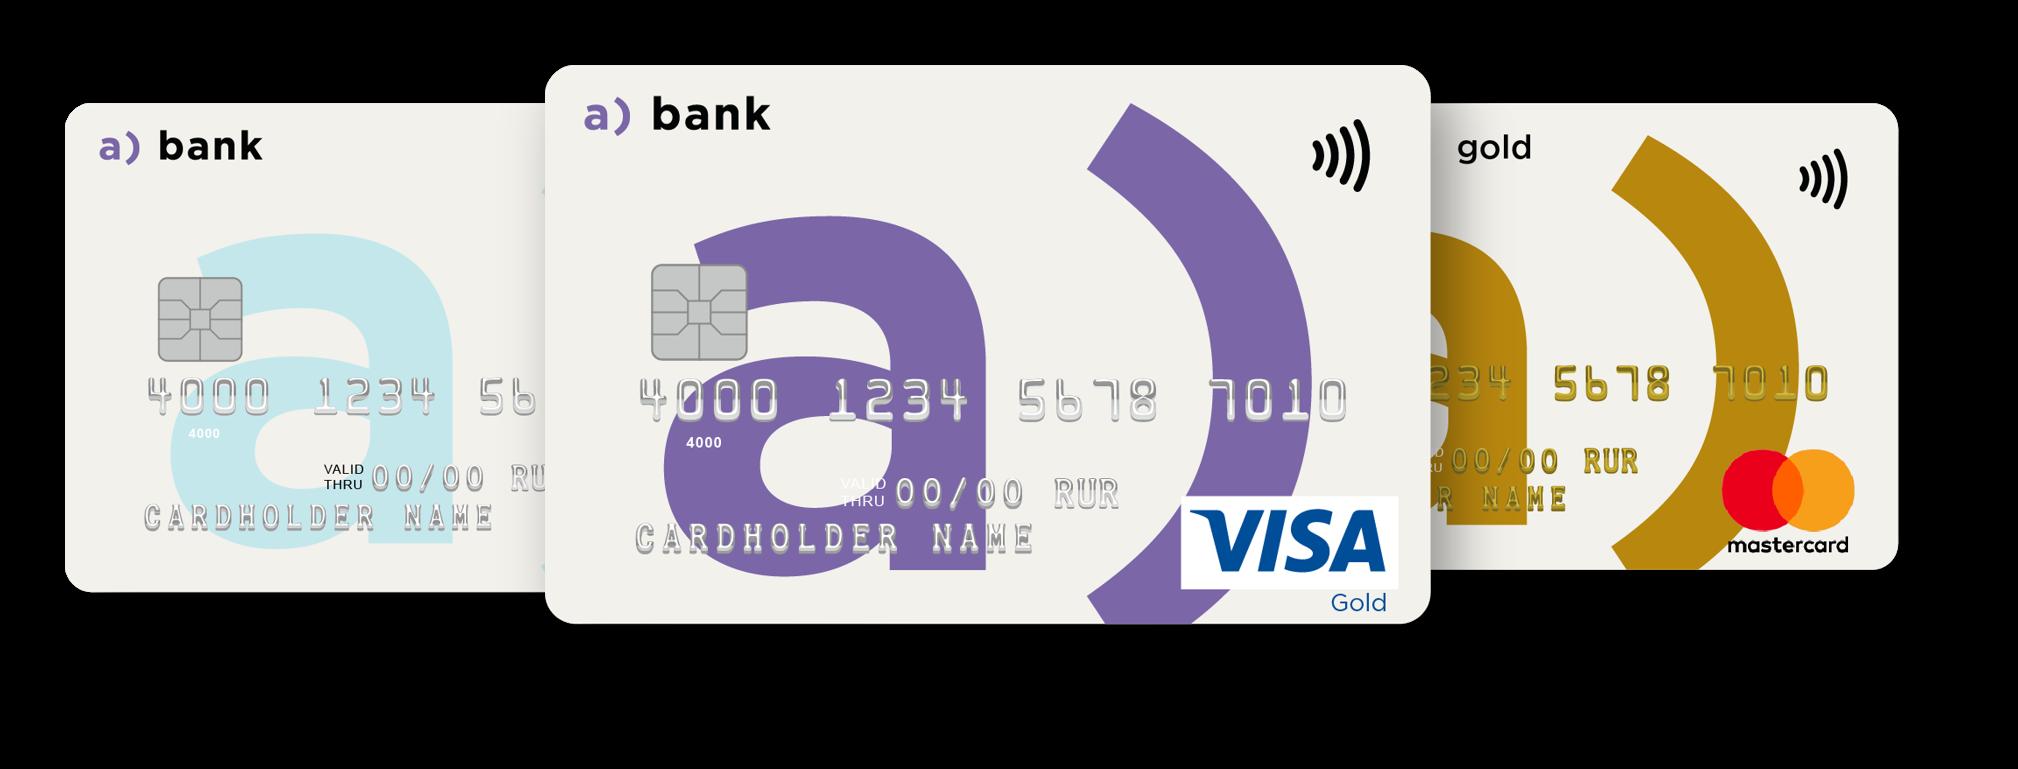 Срочные займы онлайн на карту без проверок income-bank.ru